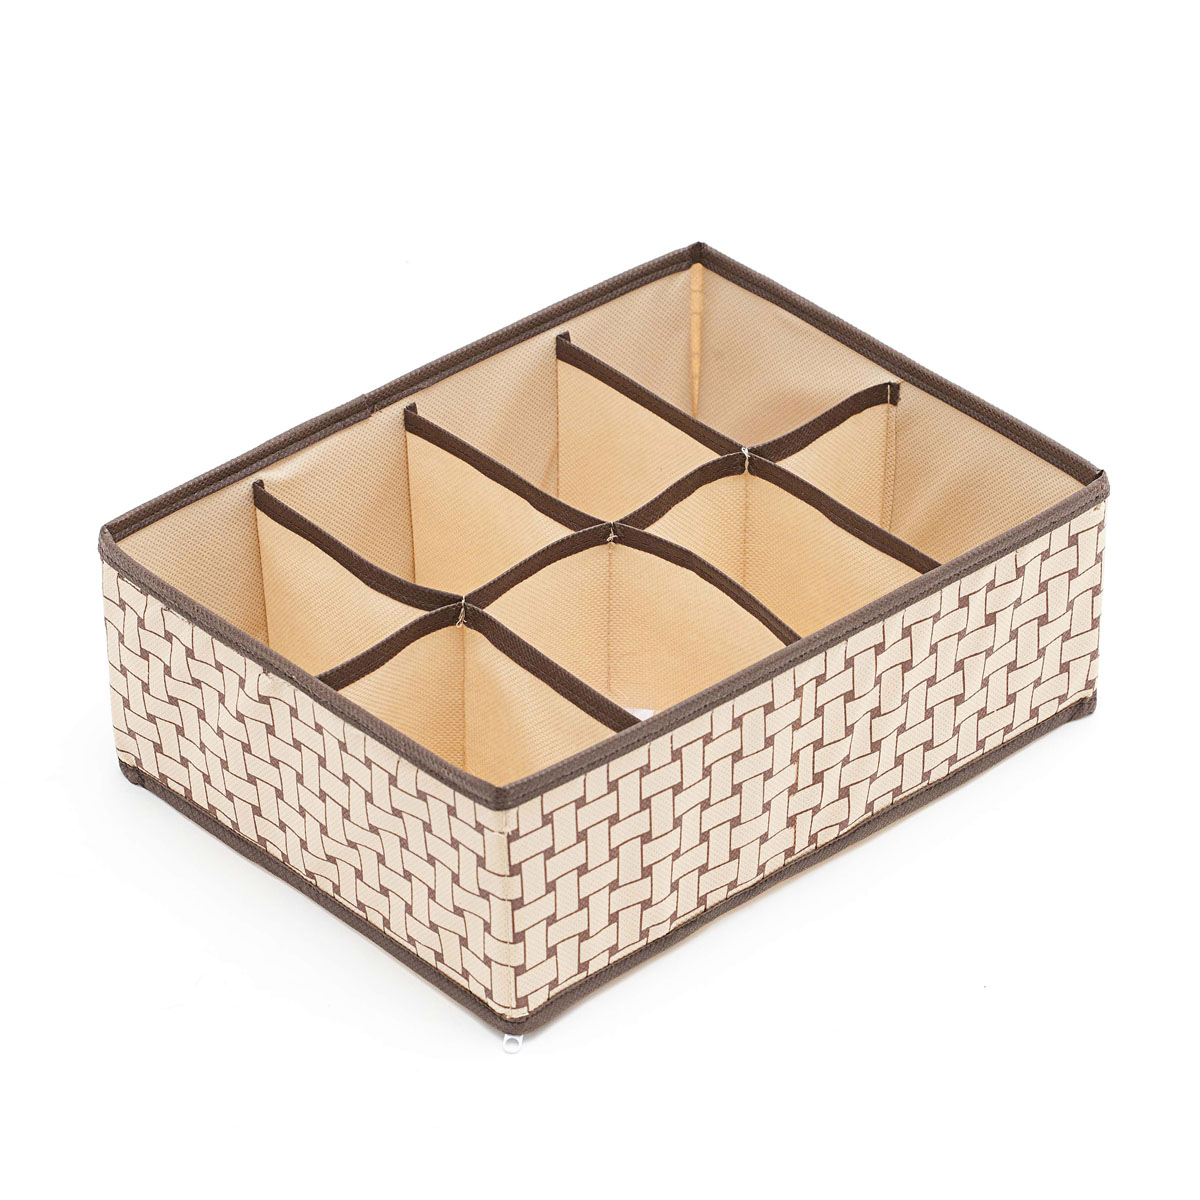 Органайзер для хранения вещей Homsu Pletenka, цвет: бежевый, коричневый, 8 секций, 31 х 24 х 11 см органайзер для хранения обуви homsu pletenka 6 секций 66 х 63 х 11 см